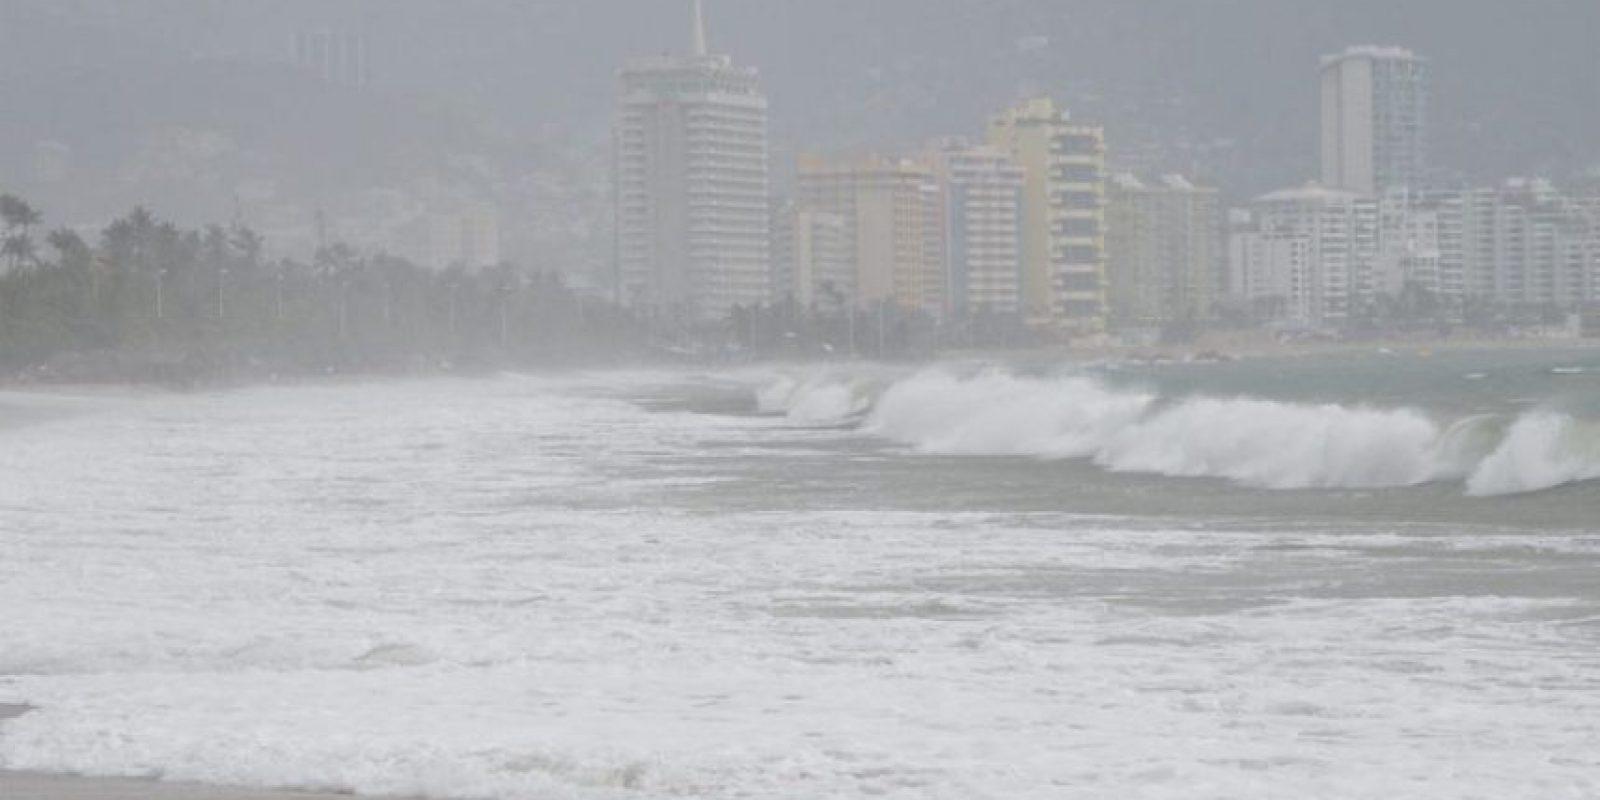 El fenómeno meteorológico de Mar de Fondo afectó durante 2015 a varios estados del país. Foto:Notimex/ Archivo